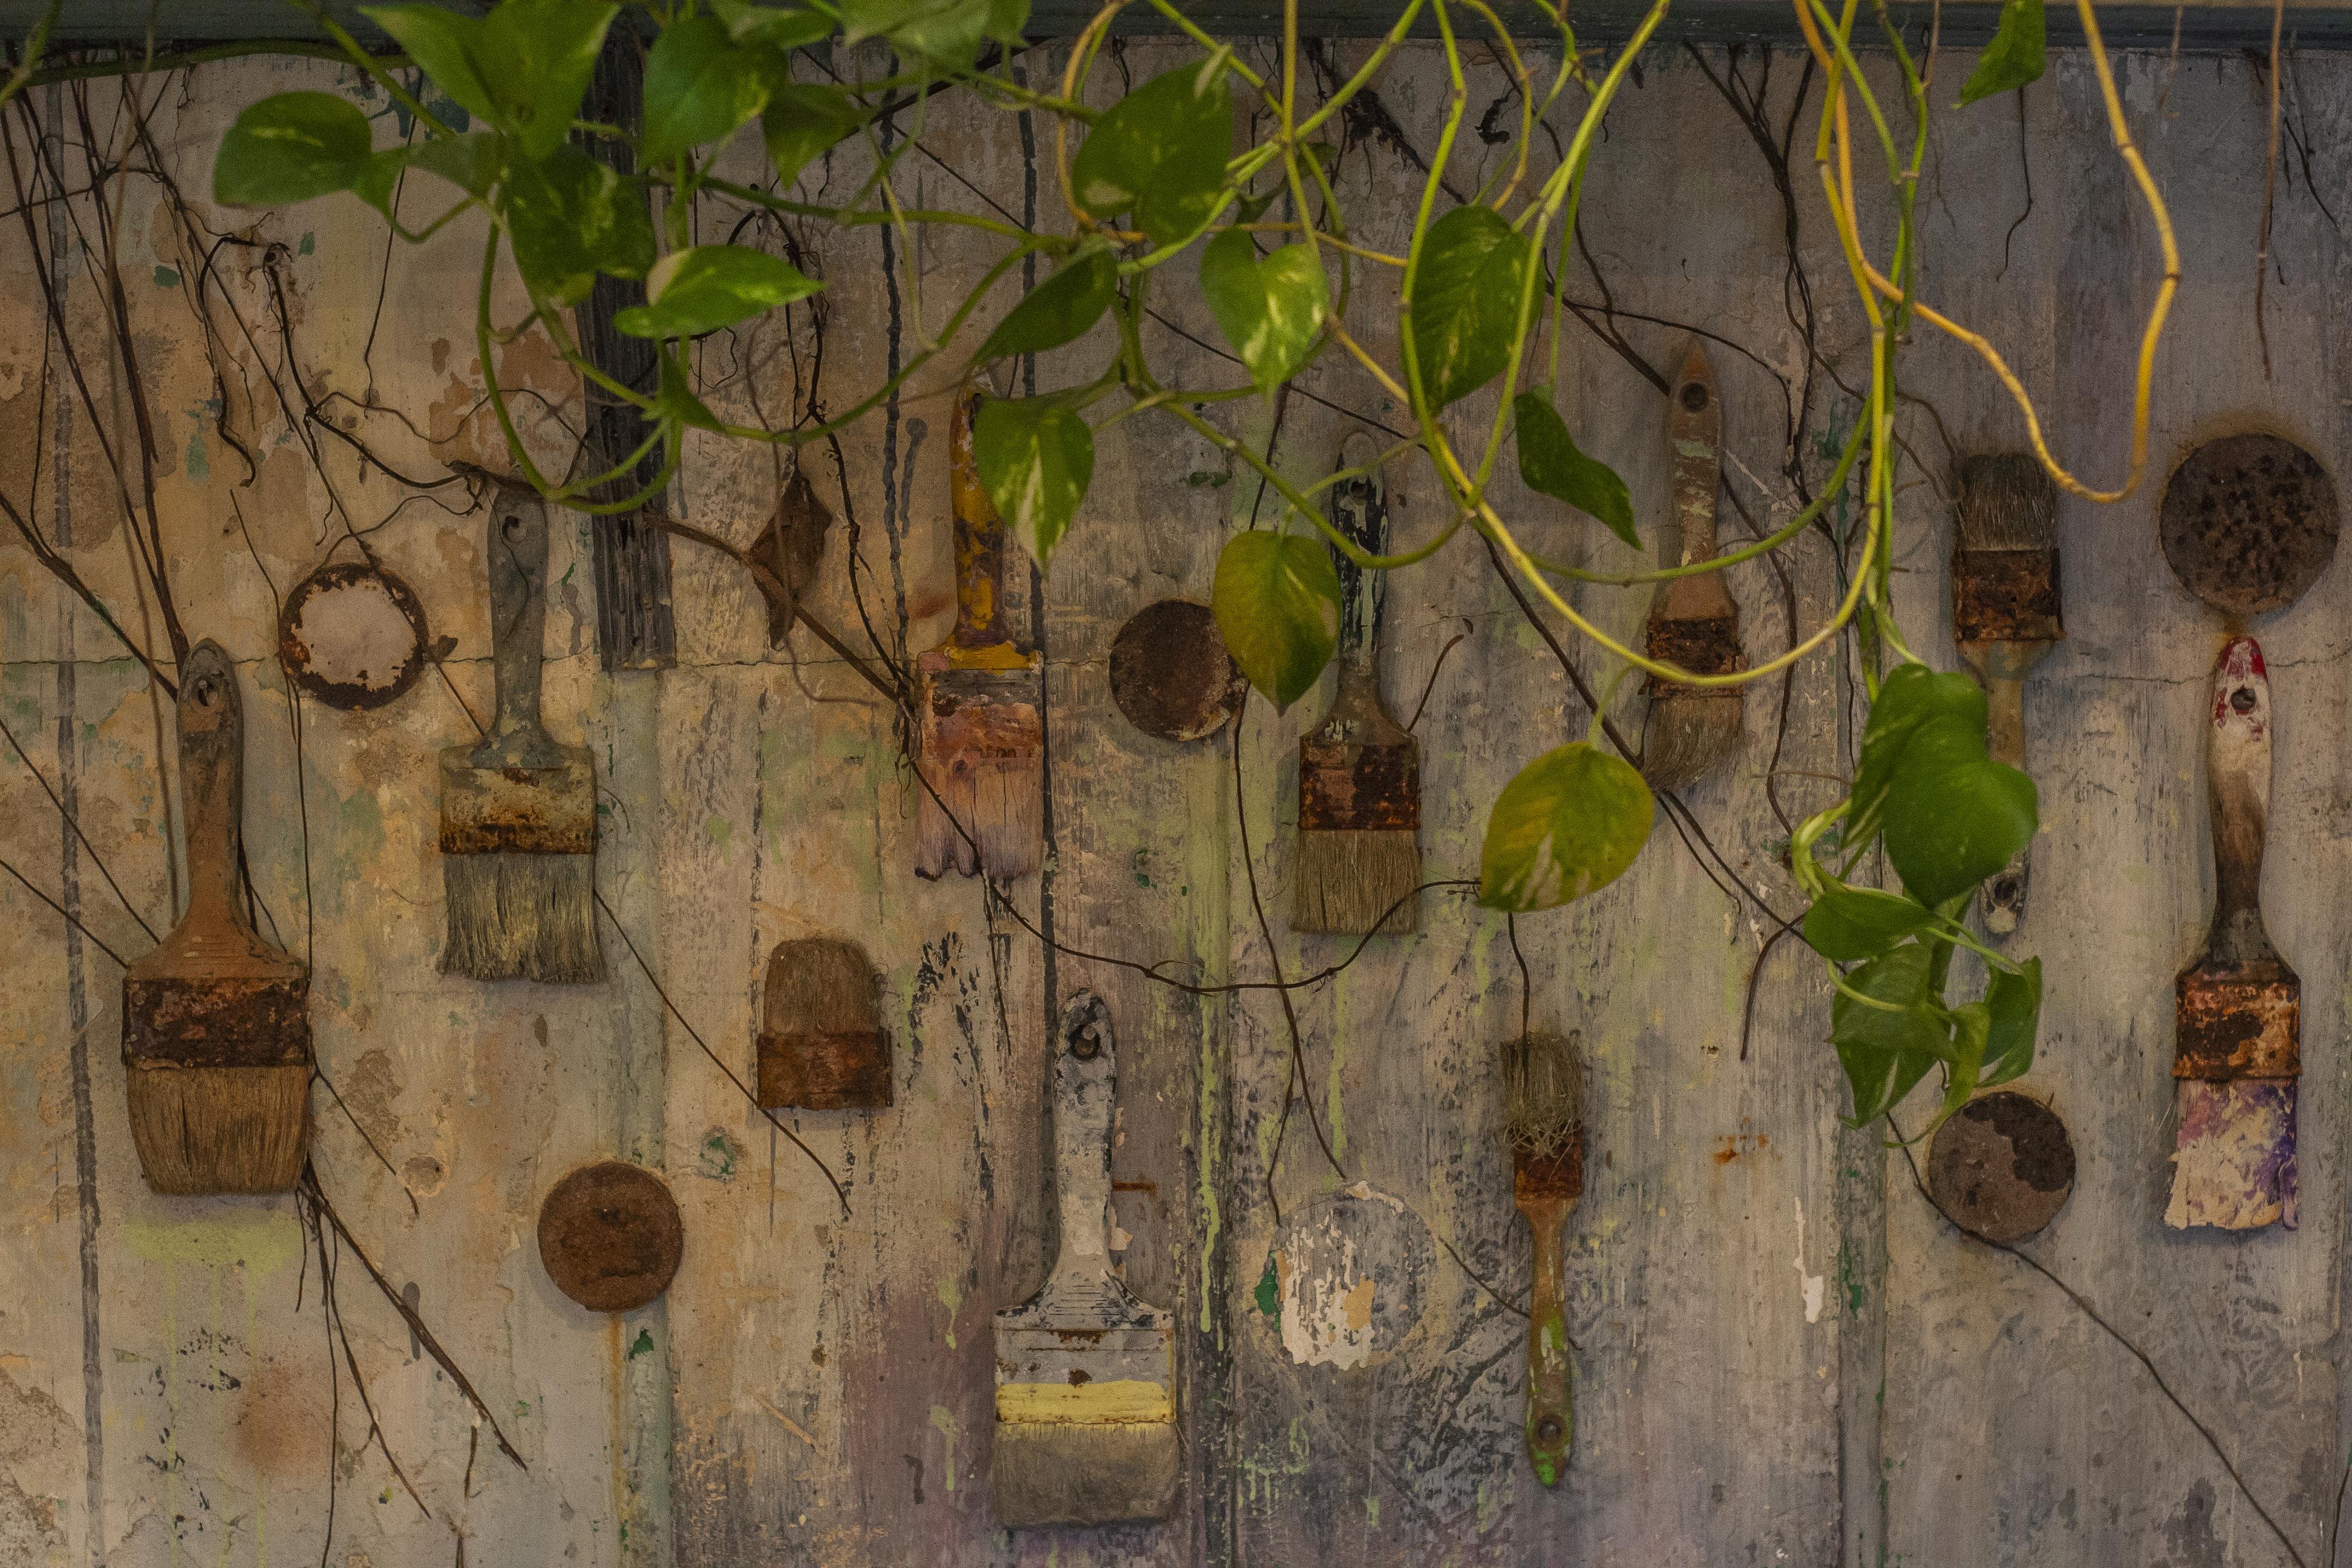 Muchas de las brochas de pintura que se usaron fueron colgadas en la pared.